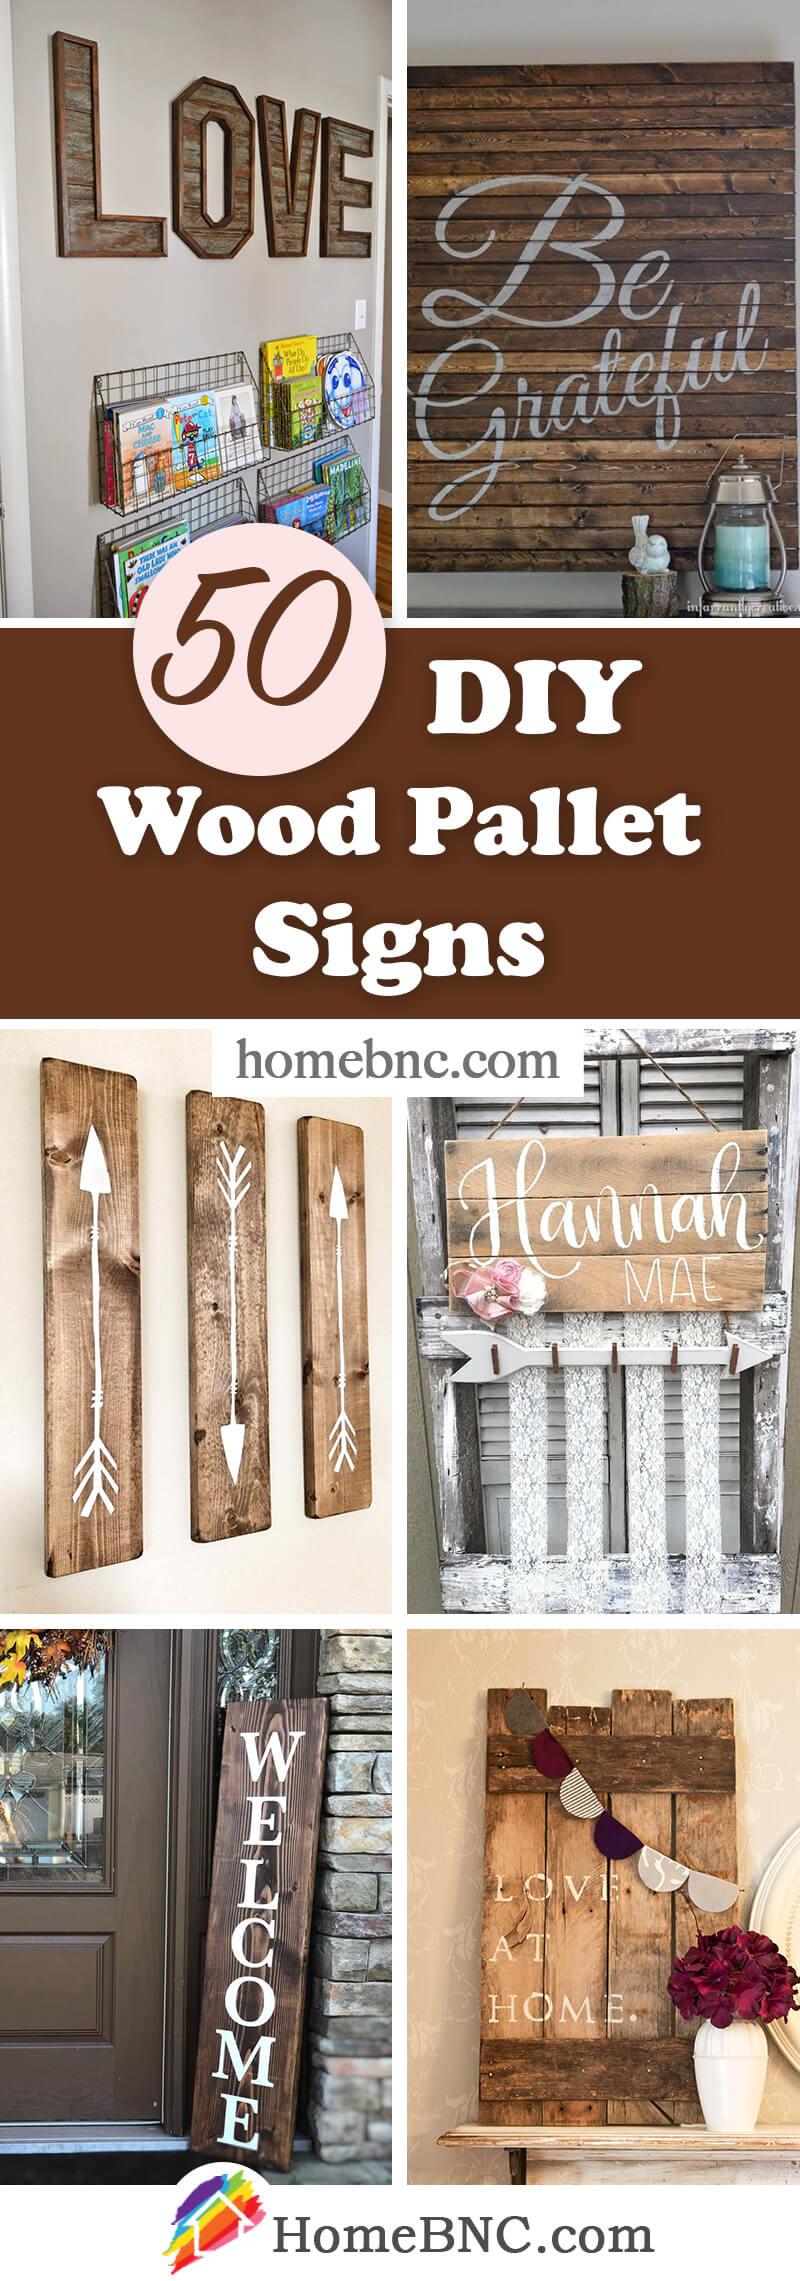 DIY Pallet Wood Signs